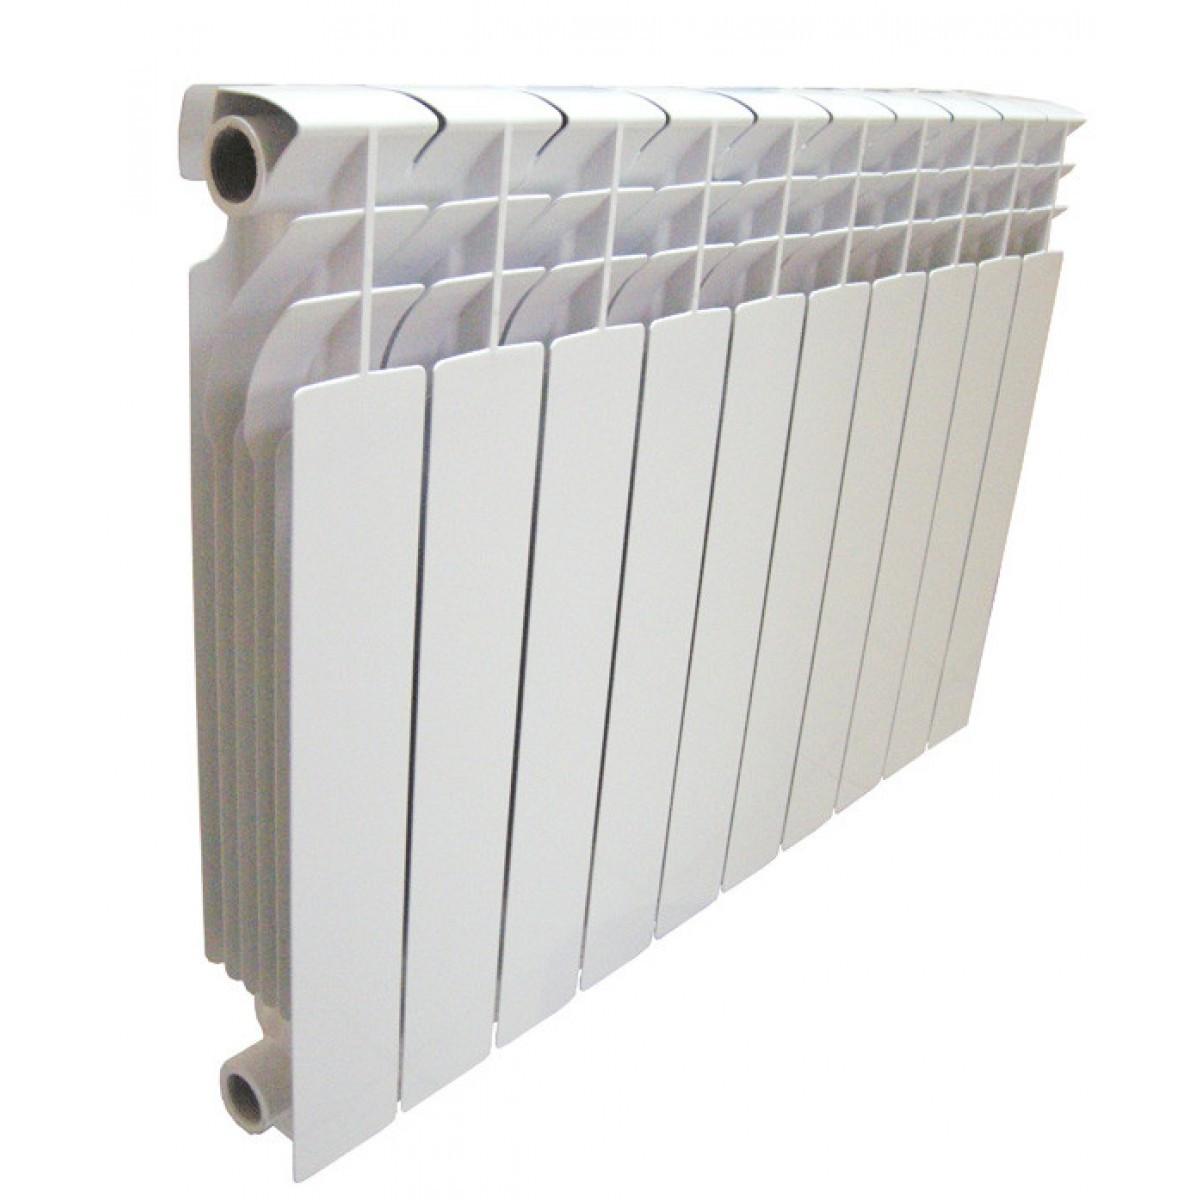 Радиатор алюминиевый Grandini S, 500мм